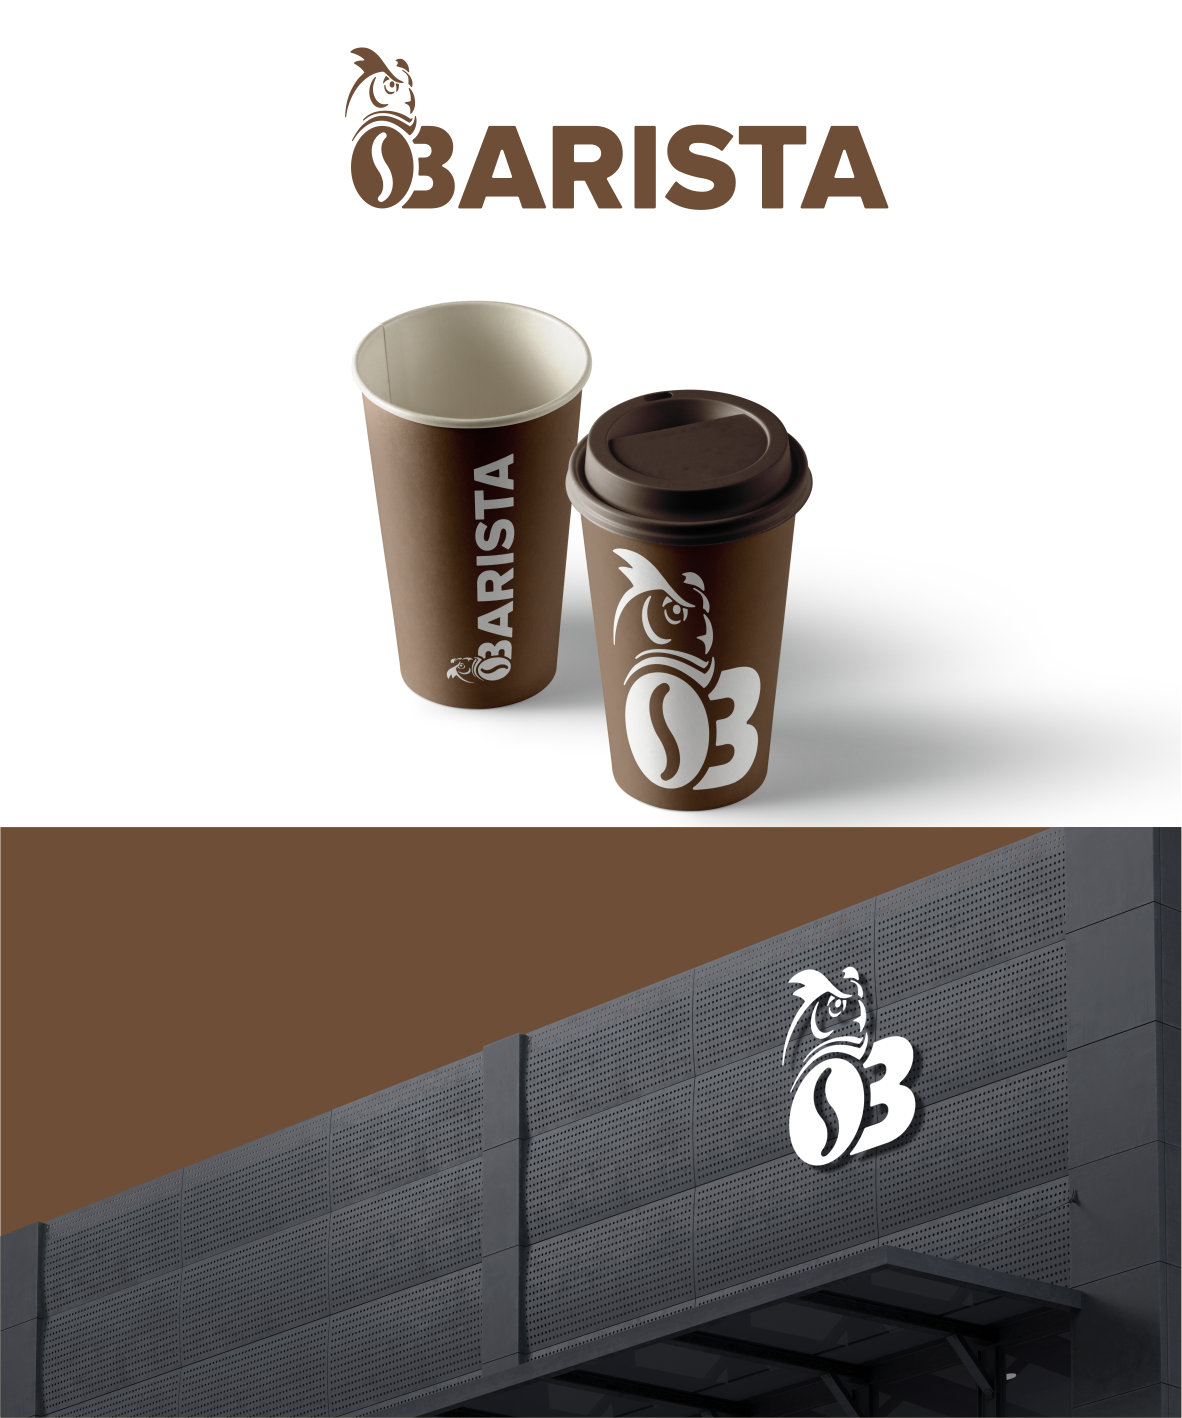 Ребрендинг логотипа сети кофеен фото f_7125e78bb4921470.png